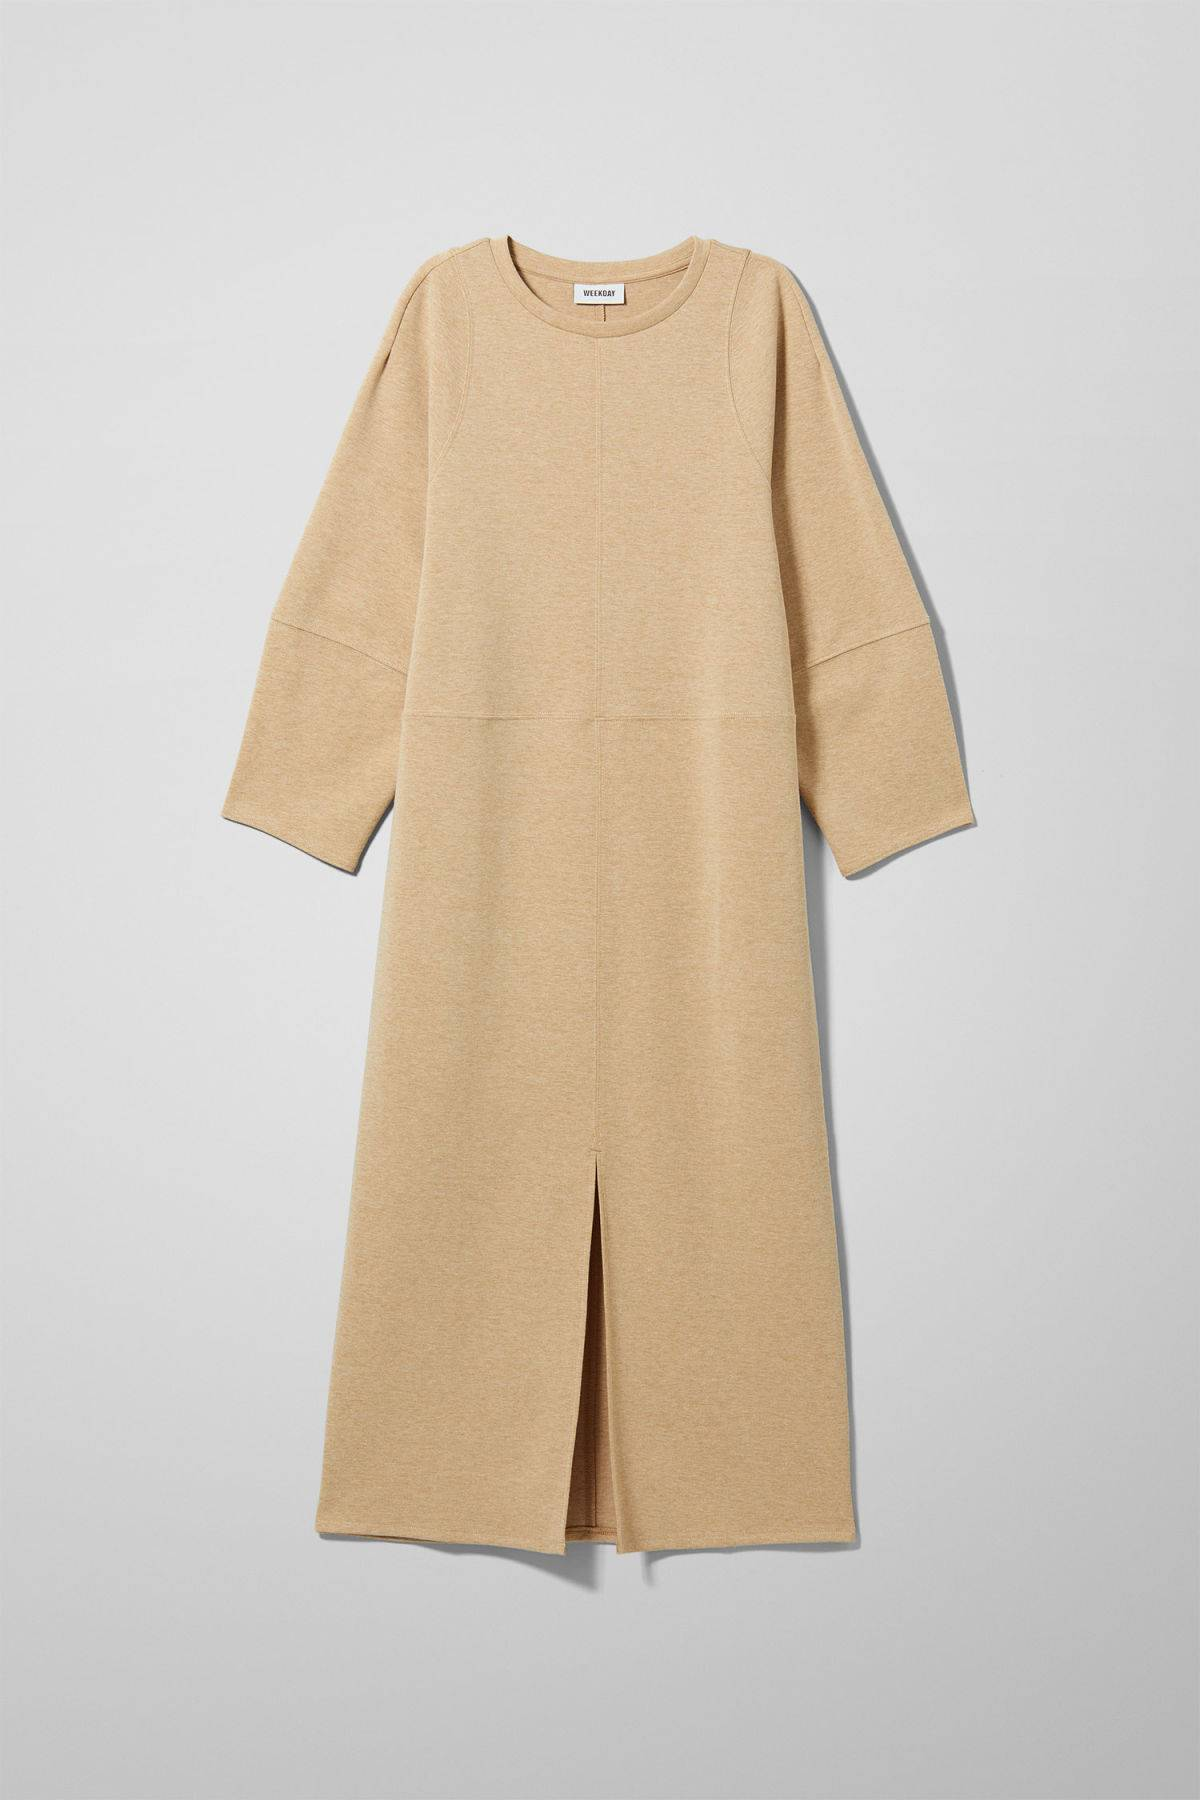 Rena Dress - Beige